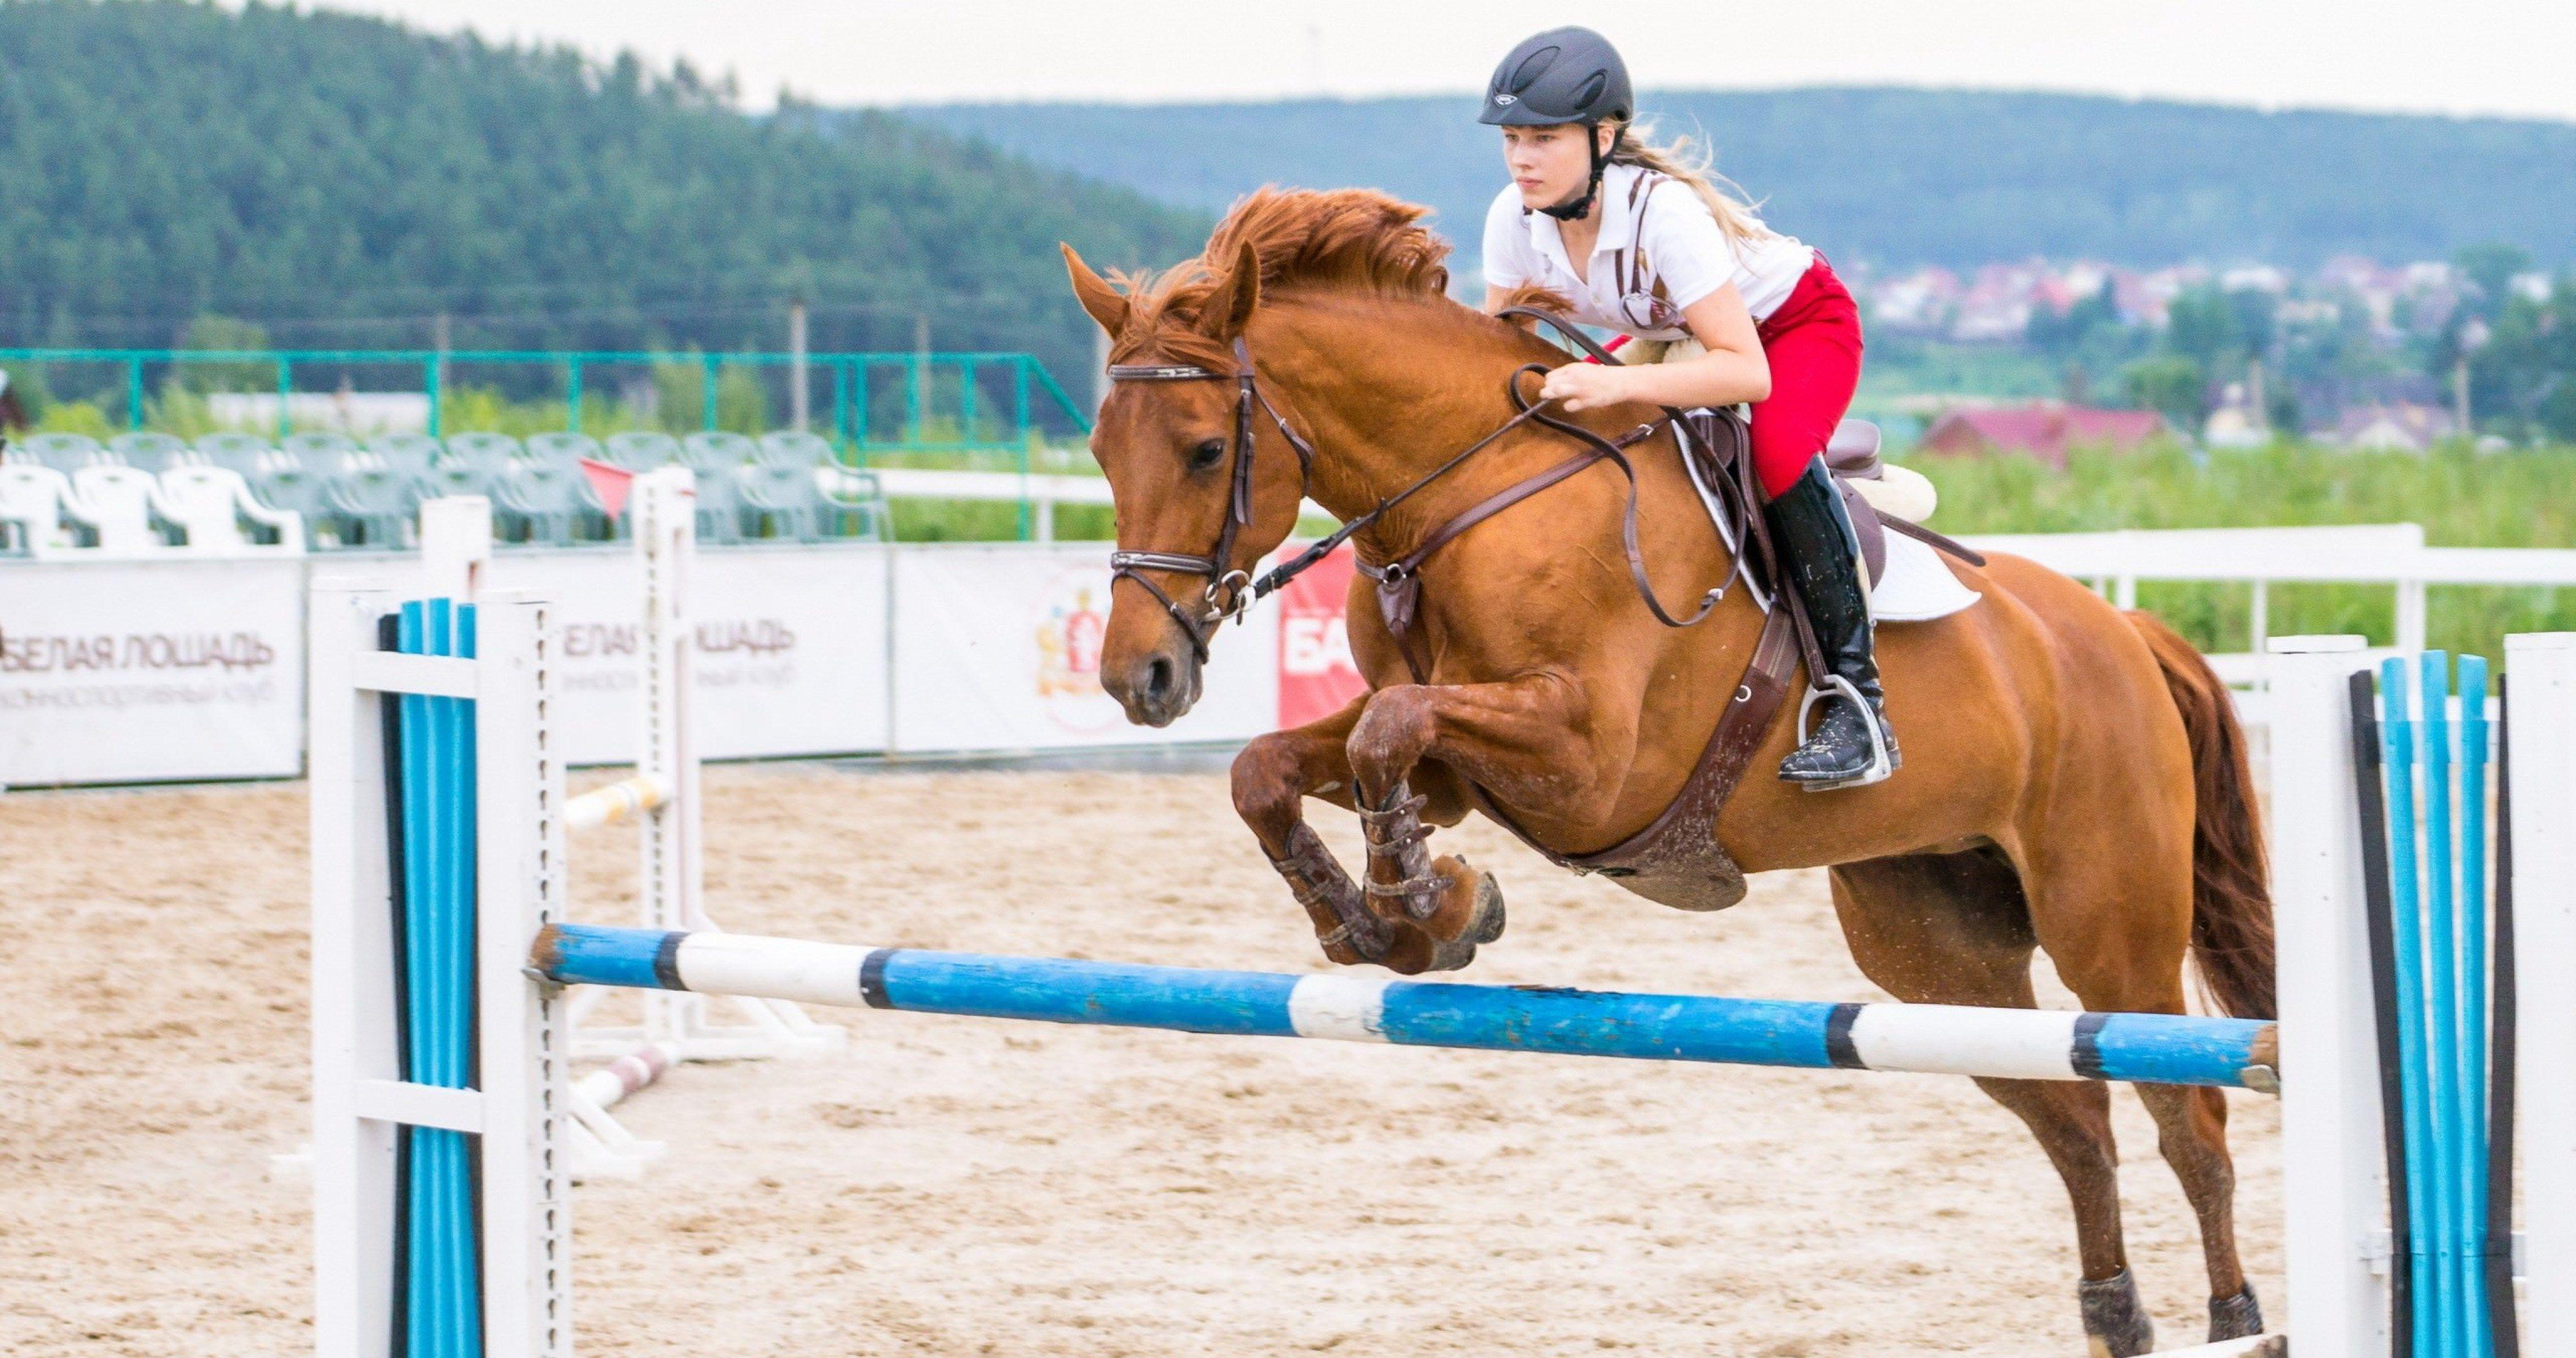 girl on horse sport 4k ultra hd wallpaper ololoshenka Horse 4096x2160